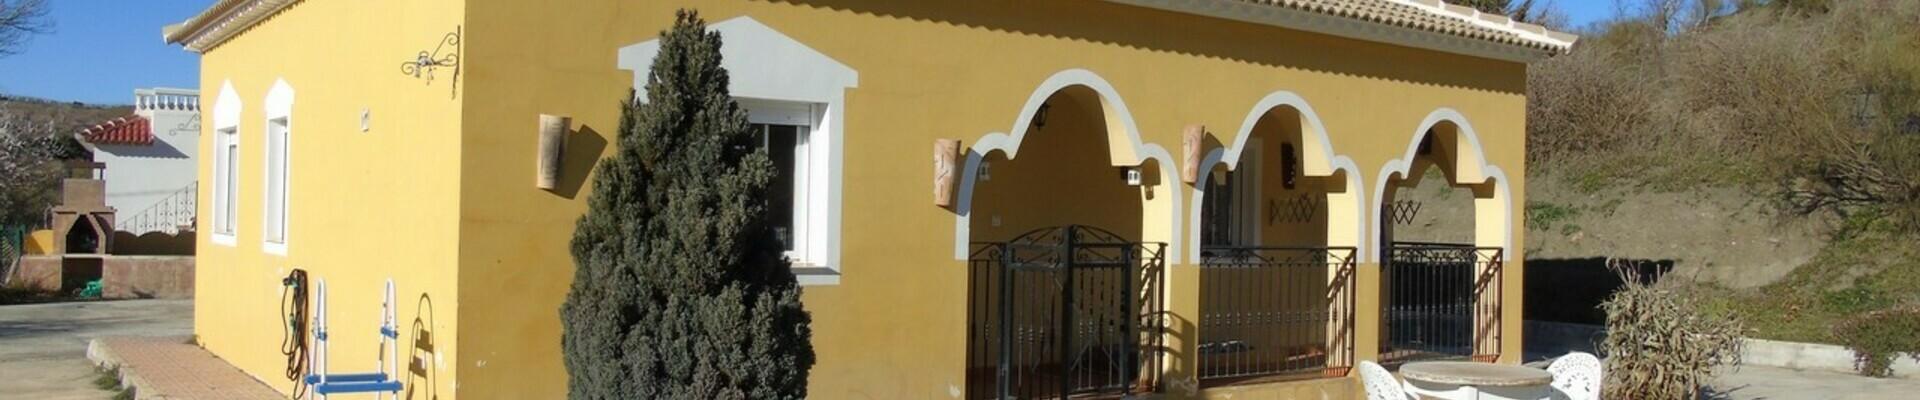 AF596: 3 Bedroom Villa for Sale